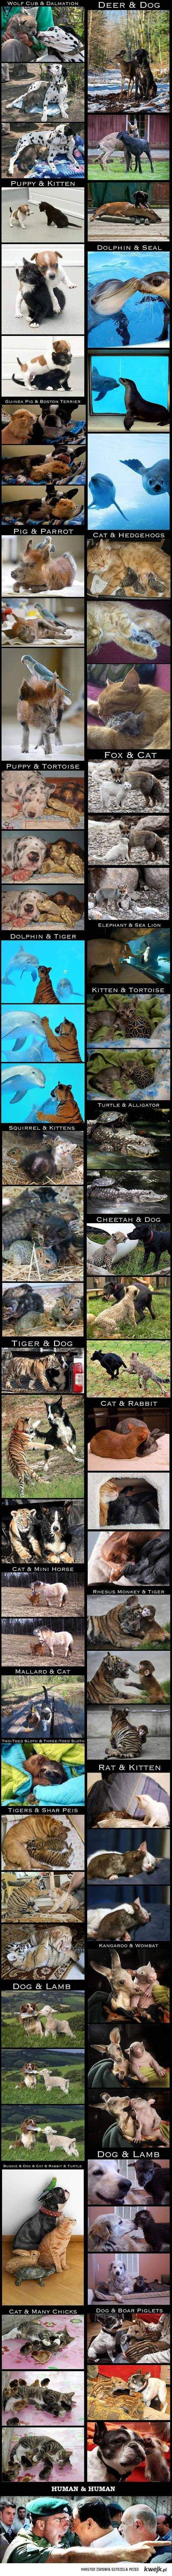 Zwierzęta są bardziej ludzkie niż ludzie